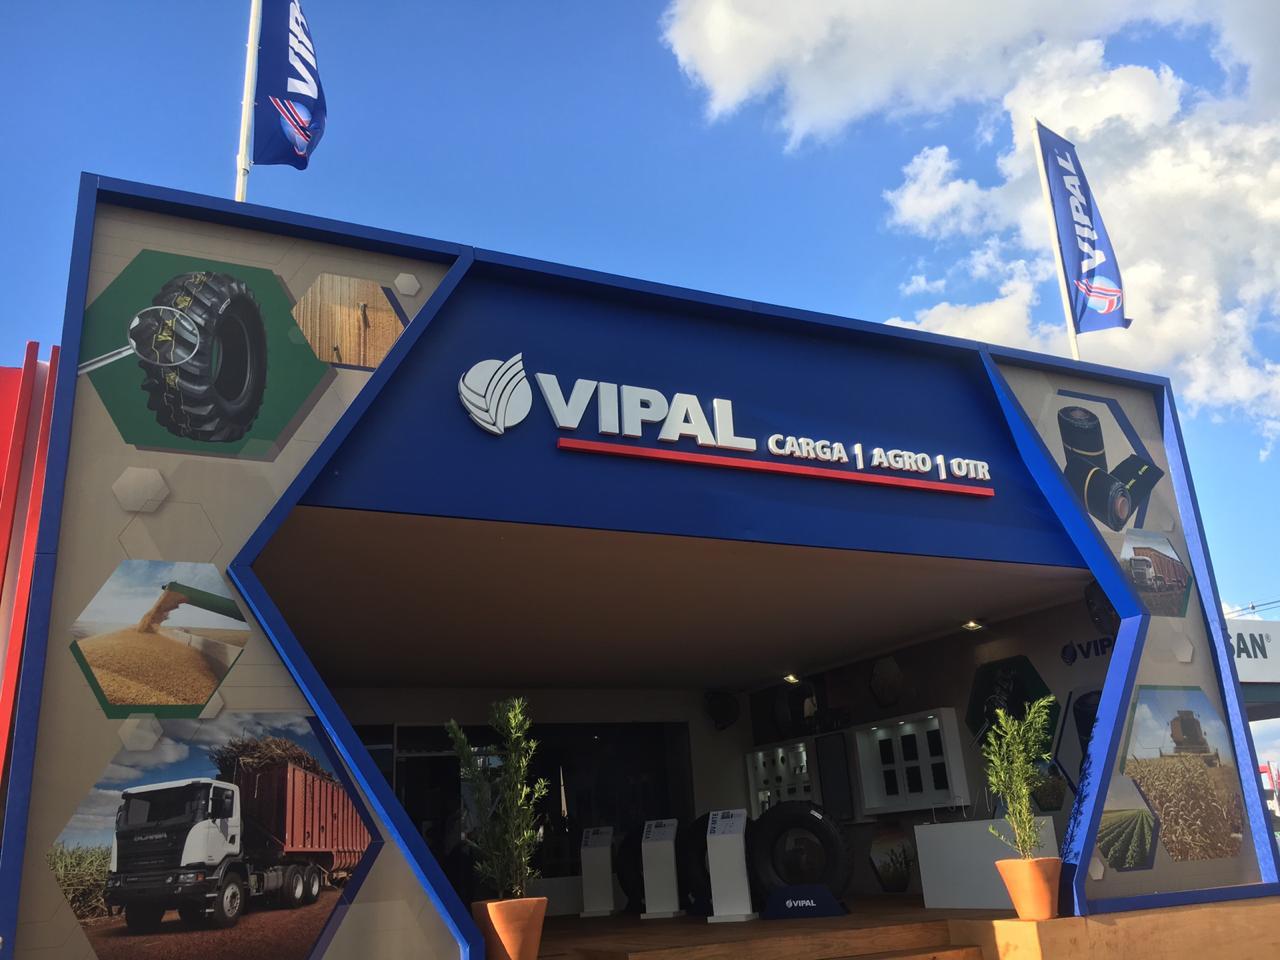 Estande da Vipal no evento, com pneus do lado de dentro, fotos aplicadas no estande com produtos da marca e duas bandeiras da marca no topo